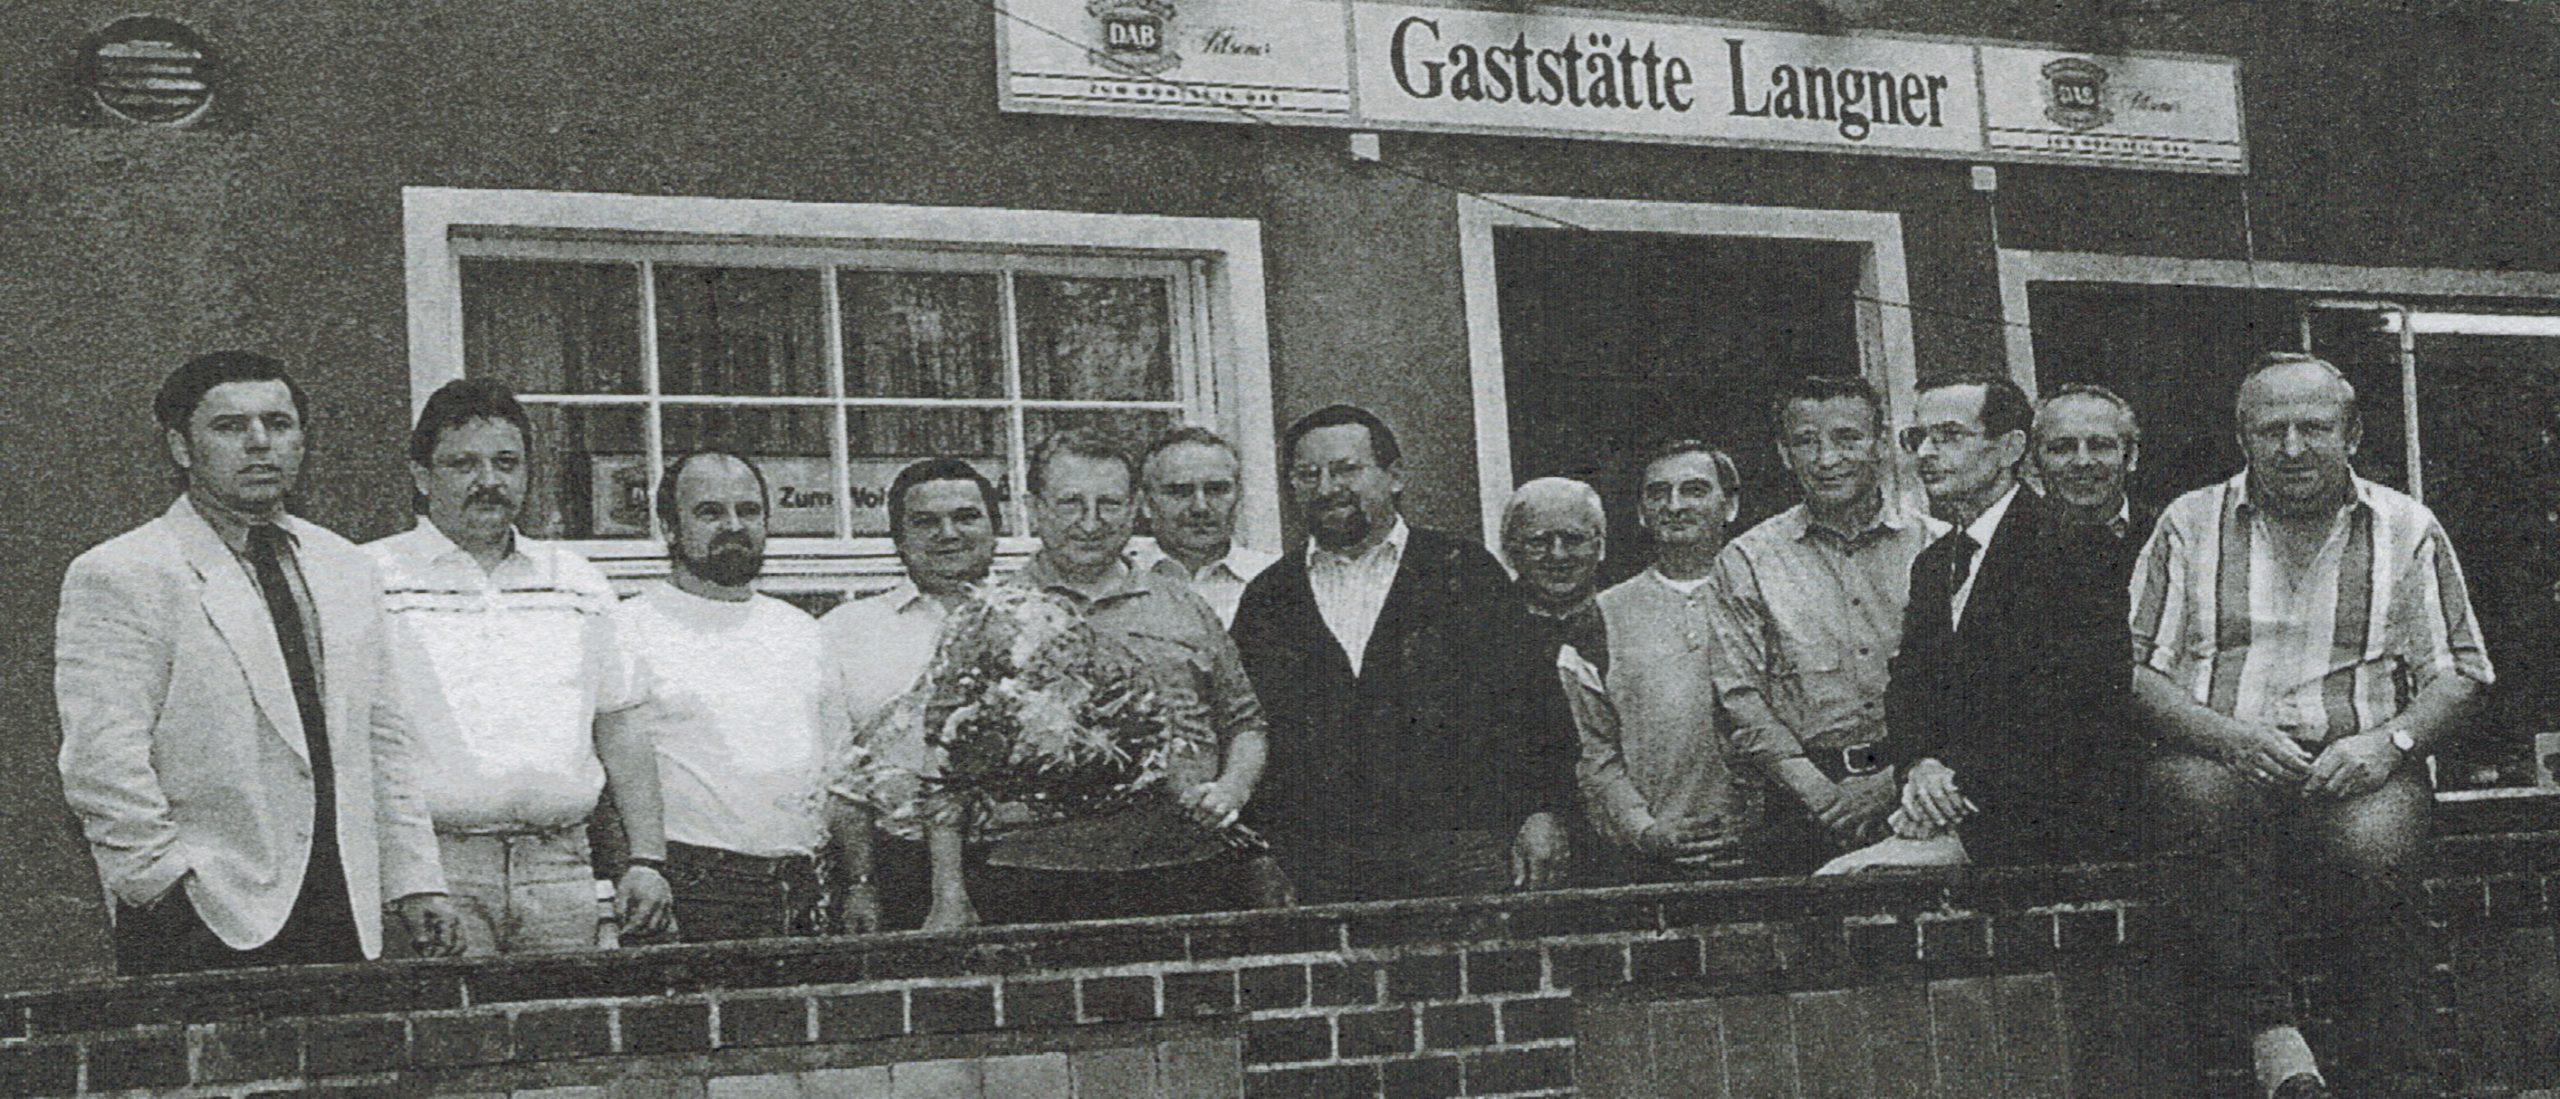 1991: Das Jahr der Fusion